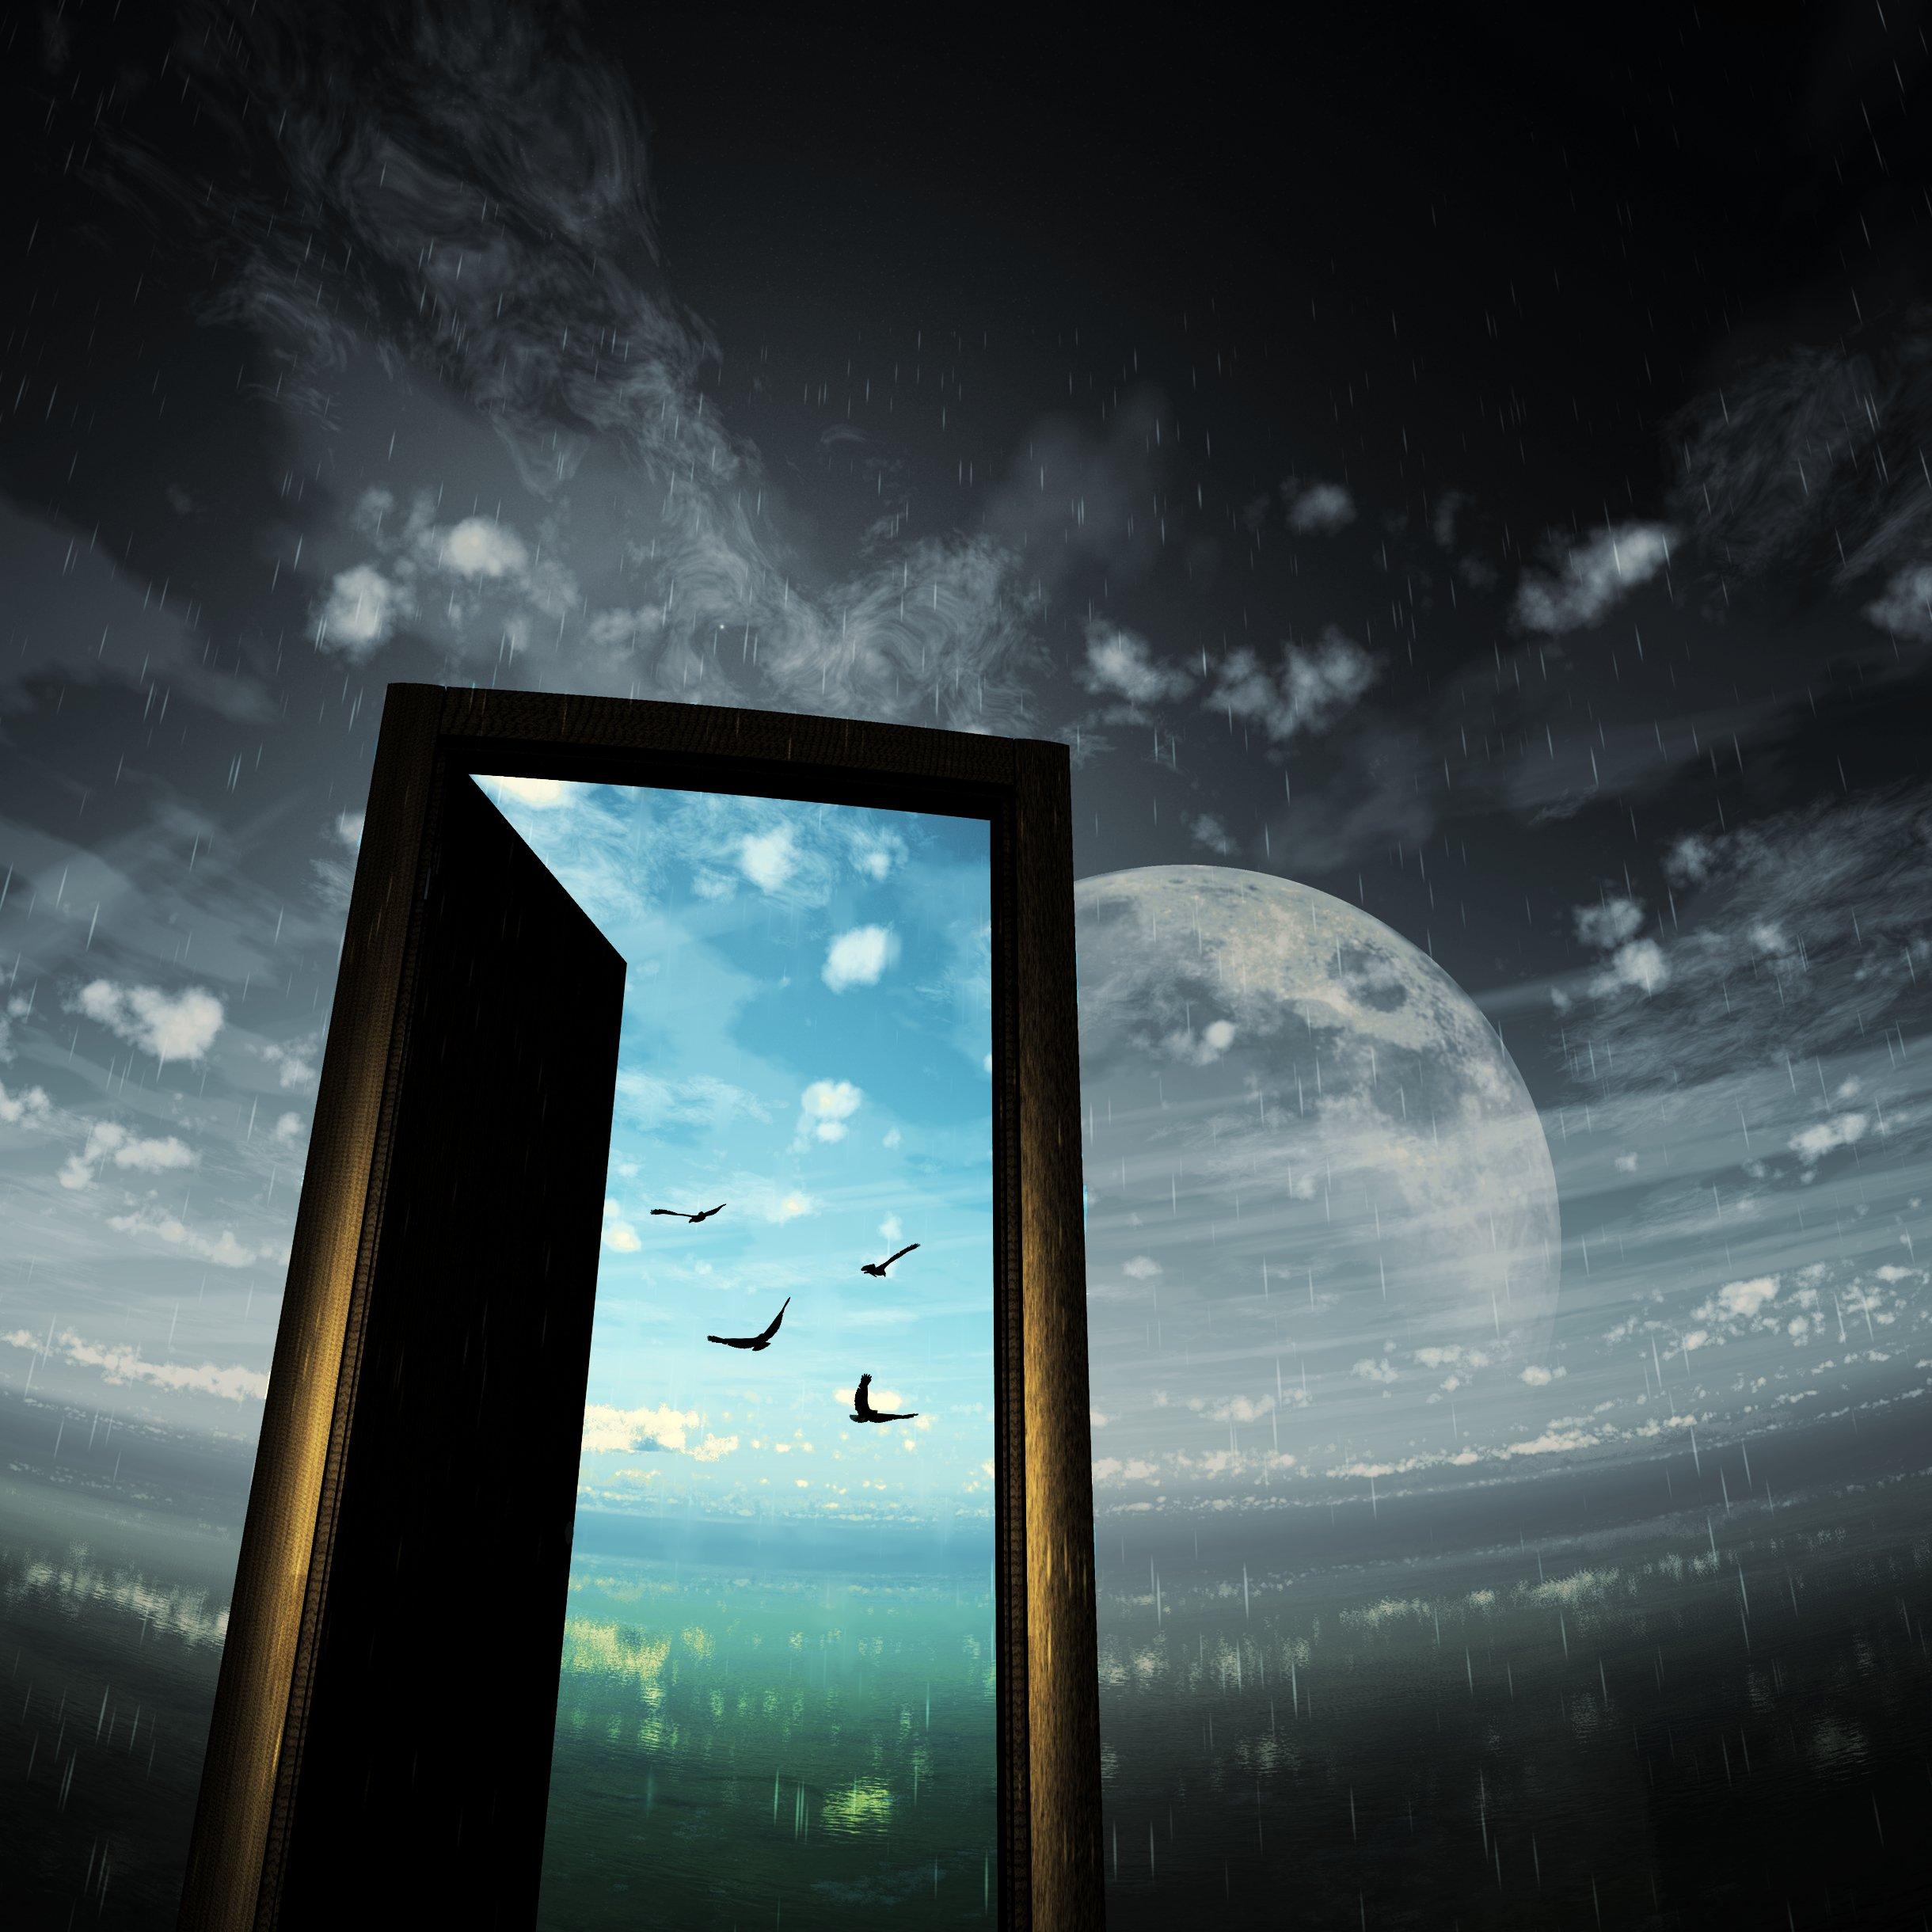 Moon Door Sky Bird Rain Wallpaper 2440x2440 575406